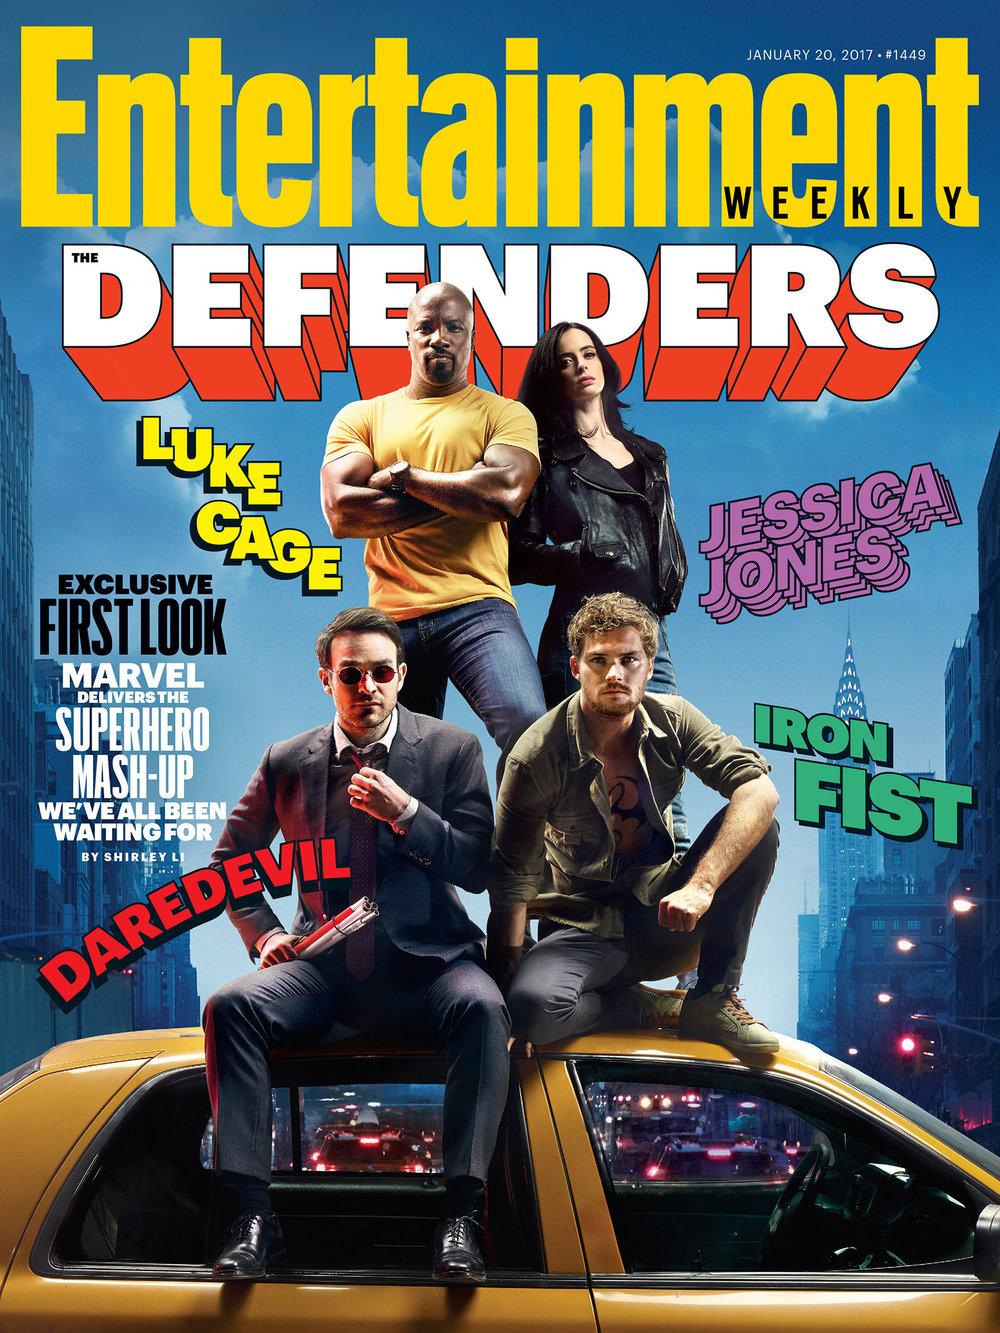 defenders-224544.jpg